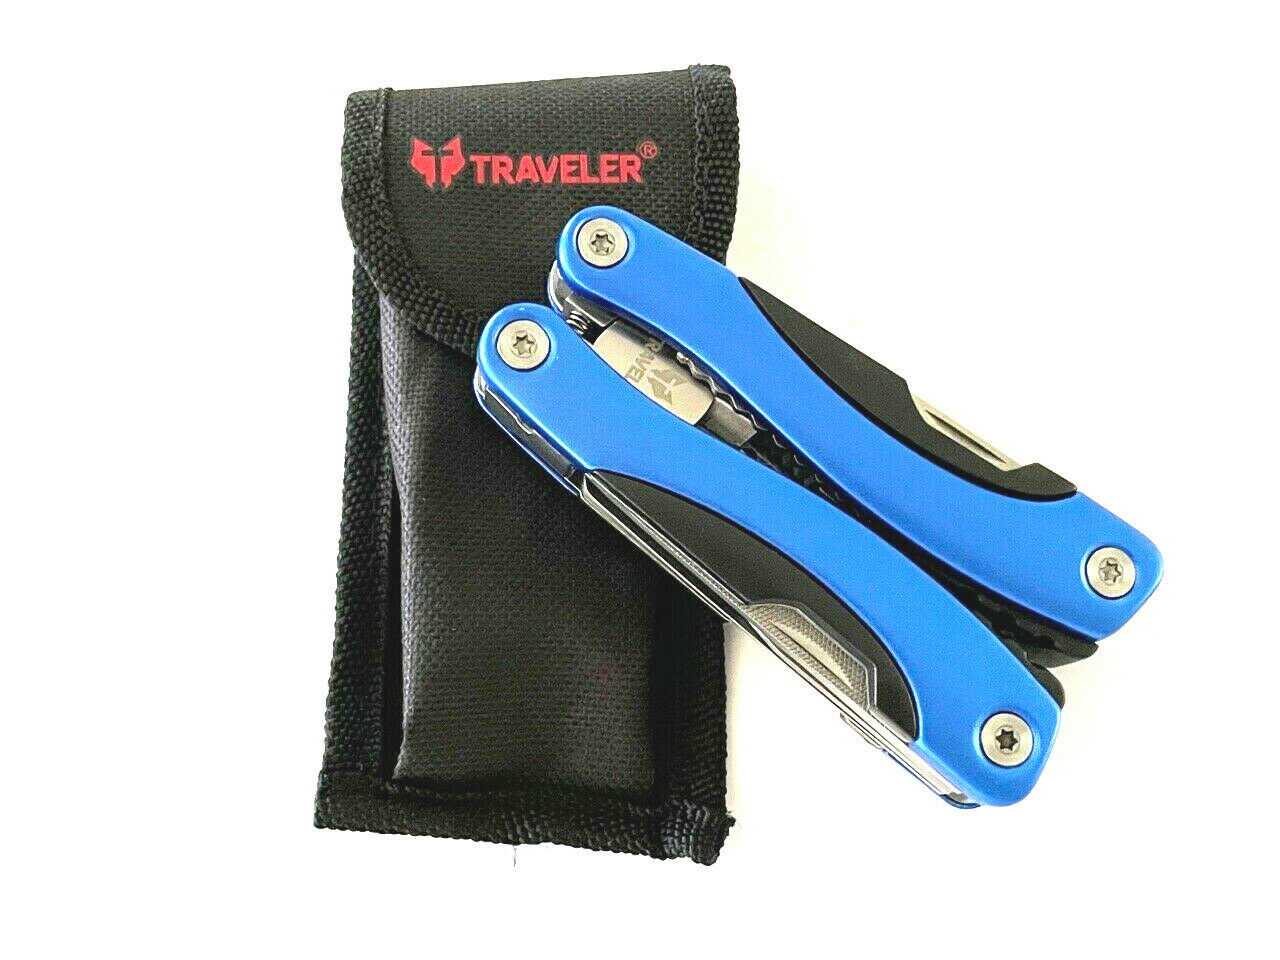 Multi Tool Pliers Pocket Knife